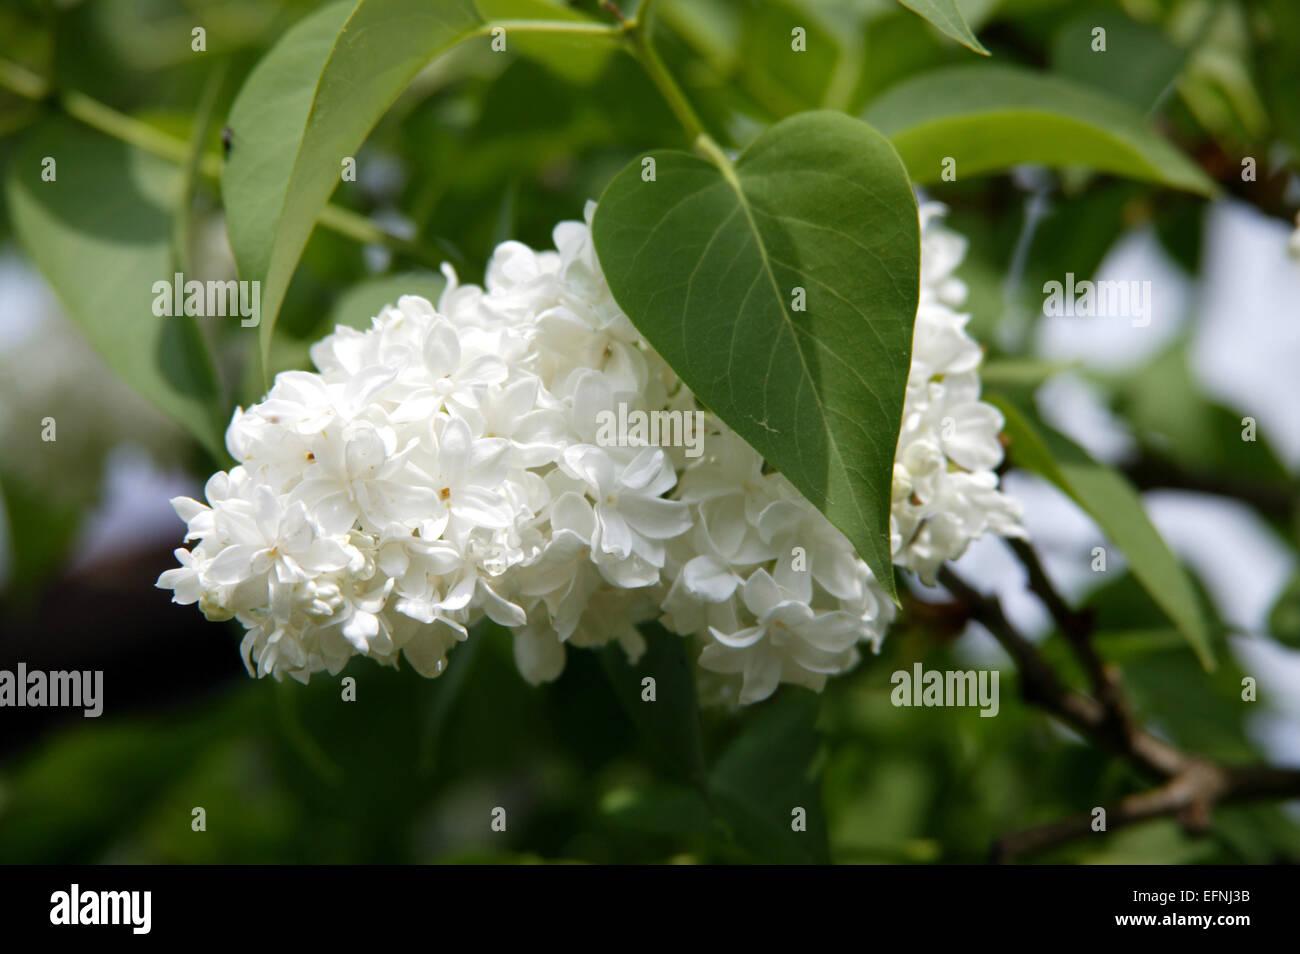 flieder buddleja blueten sommerflieder pflanze strauch bluehen stock photo 78536511 alamy. Black Bedroom Furniture Sets. Home Design Ideas